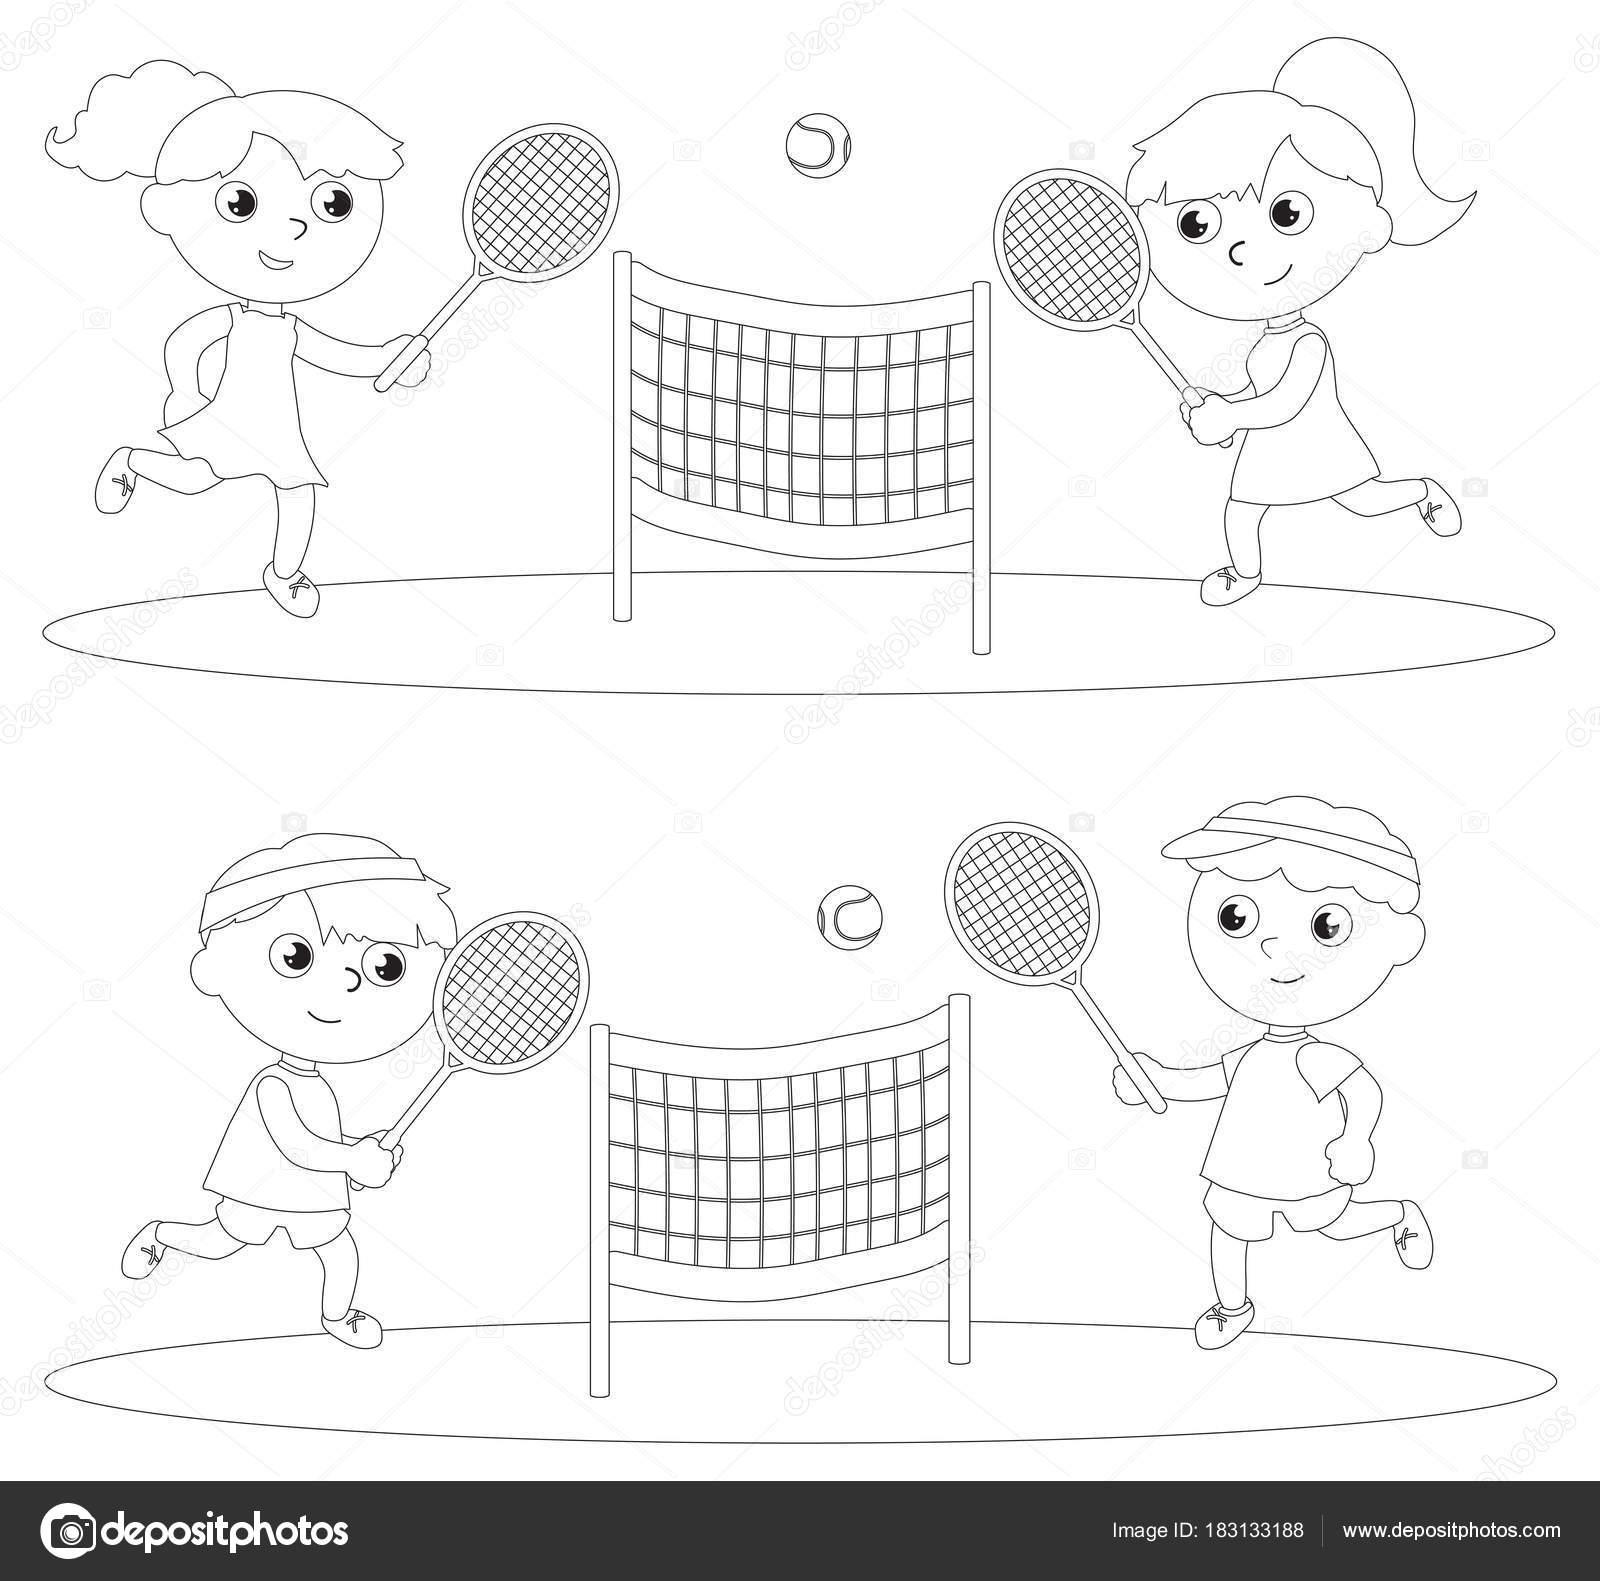 Imágenes Mujer Jugando Tenis Para Colorear Colorear Niños Jugando